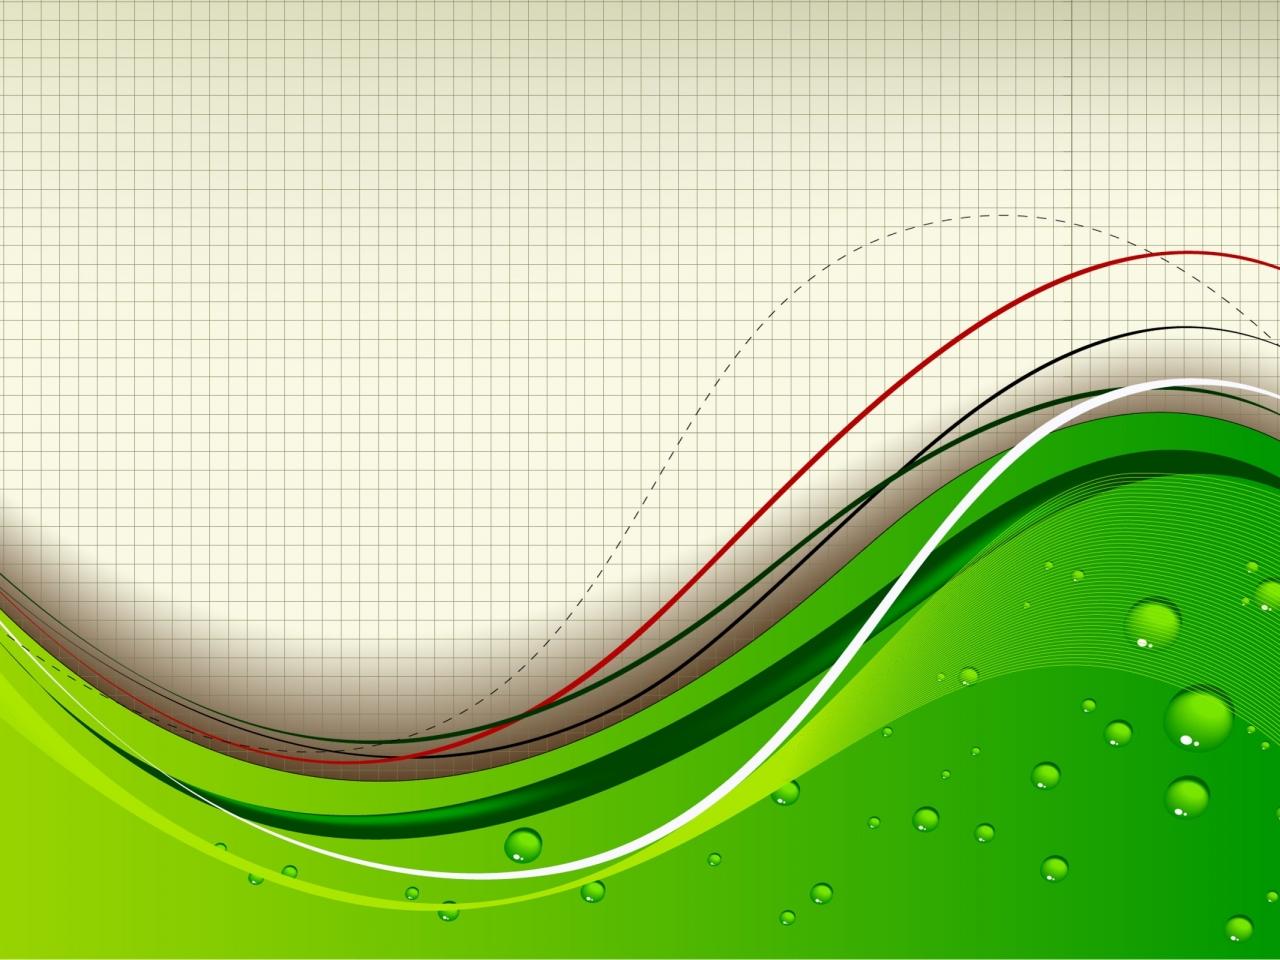 Fondo Blanco Con Verde: Fondo Abstracto Color Verde Hd 1280x960